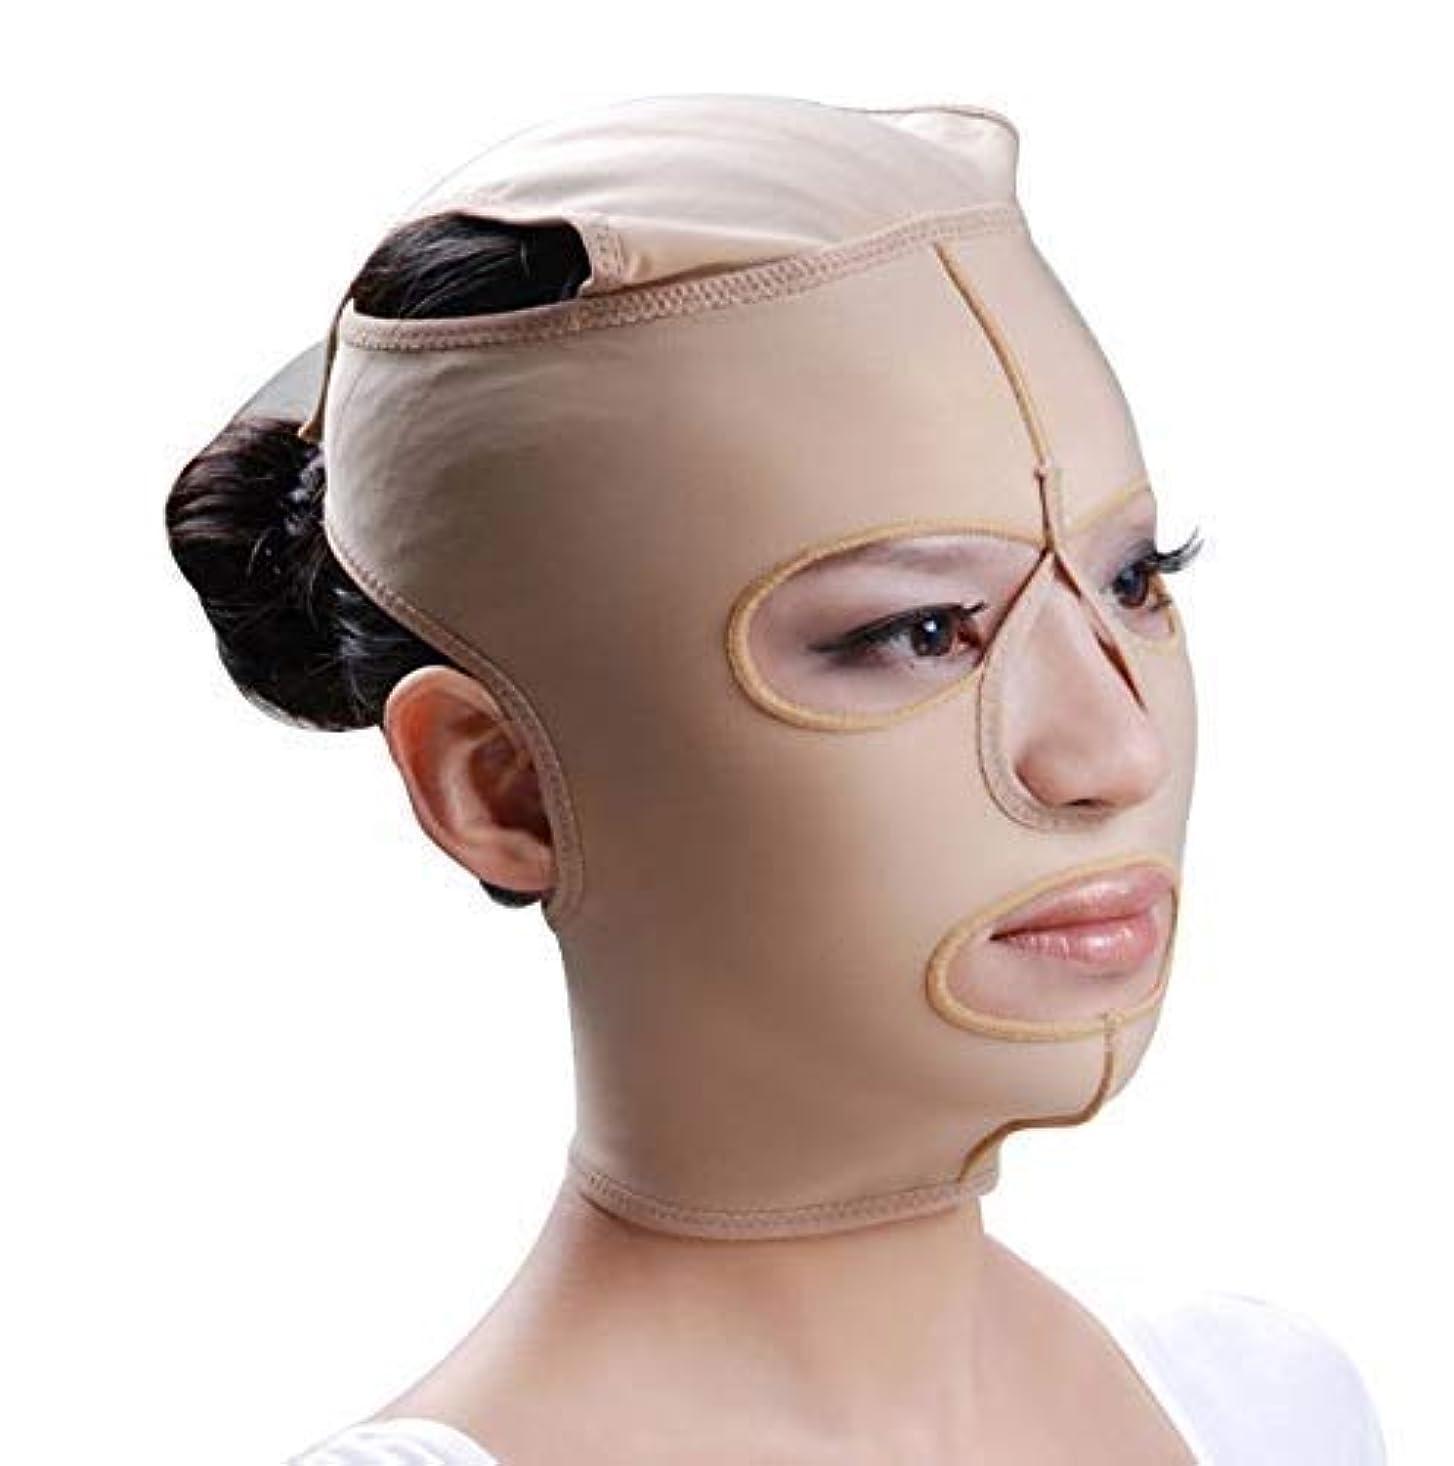 実施する甘くするスムーズにファーミングフェイスマスク、フェイシャルマスク弾性フェイスリフティングリフティングファーミングパターンマイクロフィニッシングポストモデリングコンプレッションフェイスマスク(サイズ:L)